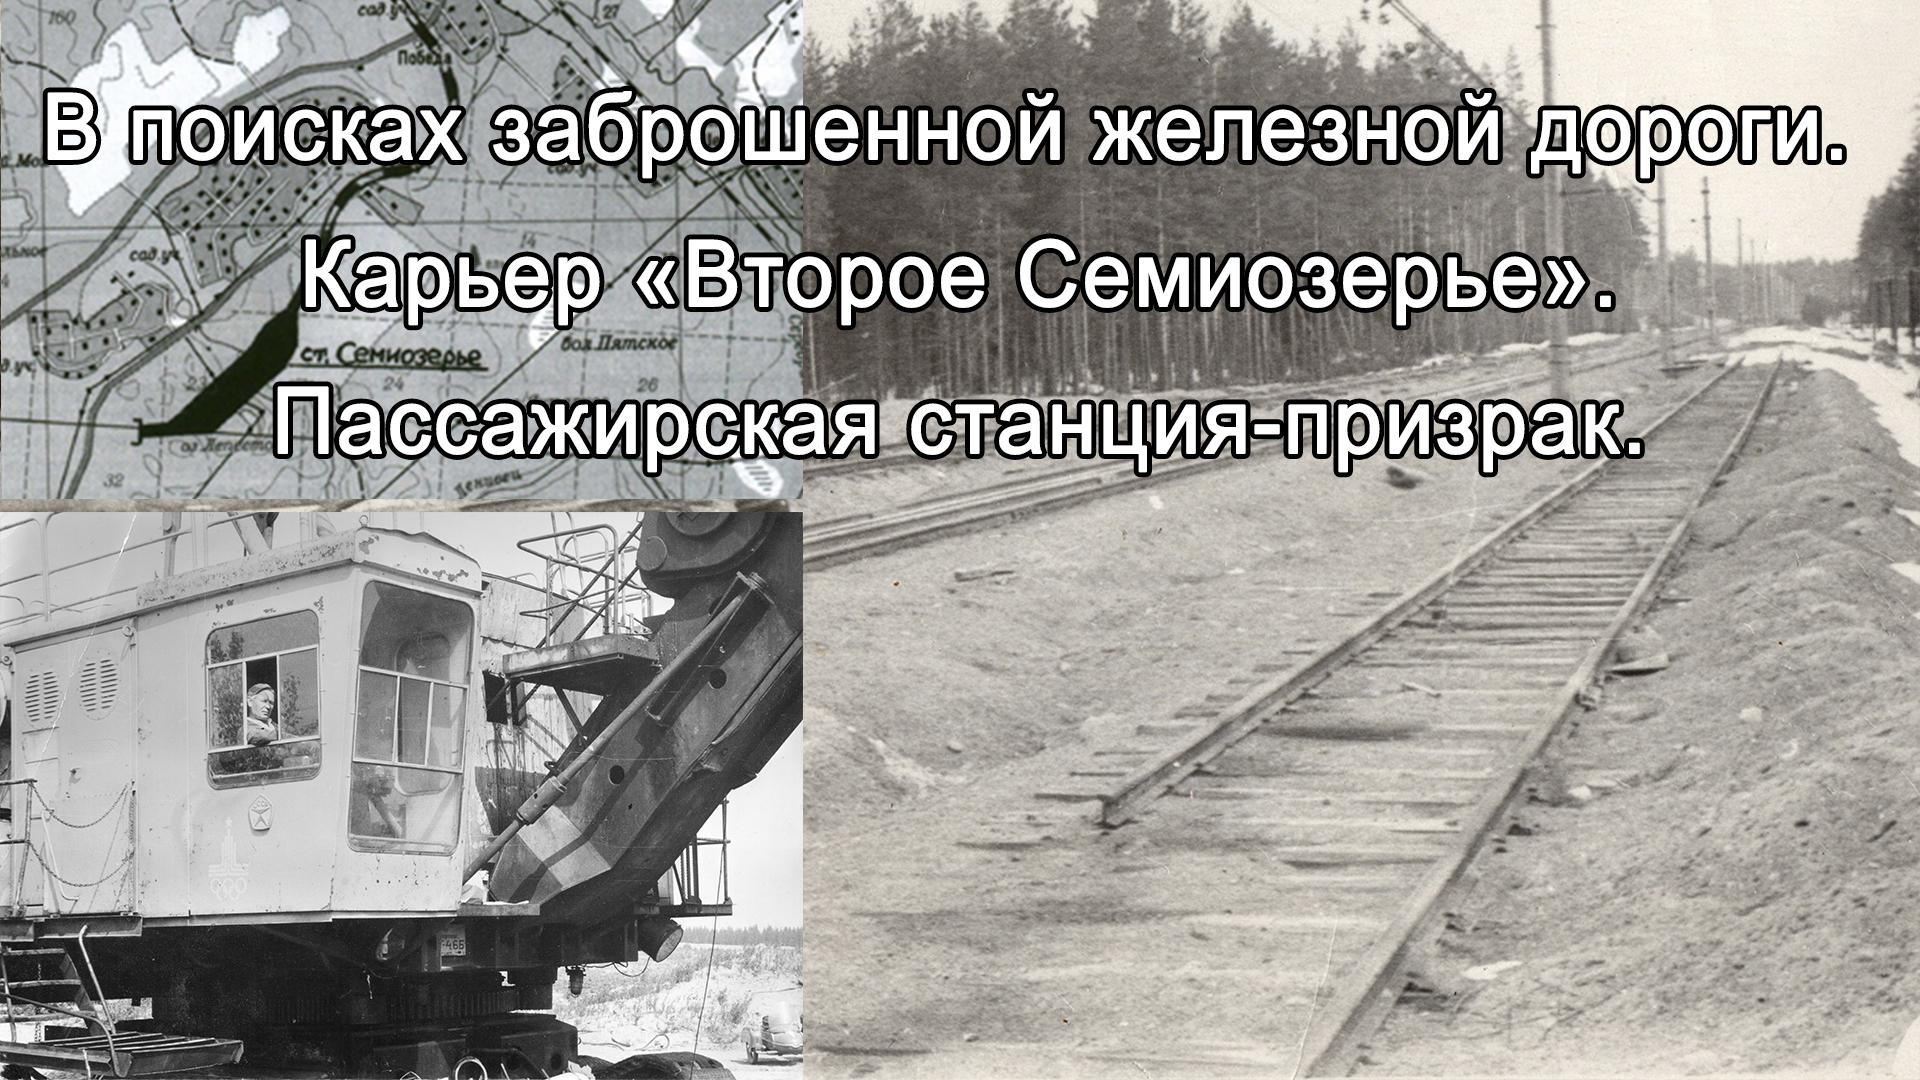 В поисках заброшенной железной дороги. Карьер Второе Семиозерье. Пассажирская станция-призрак.